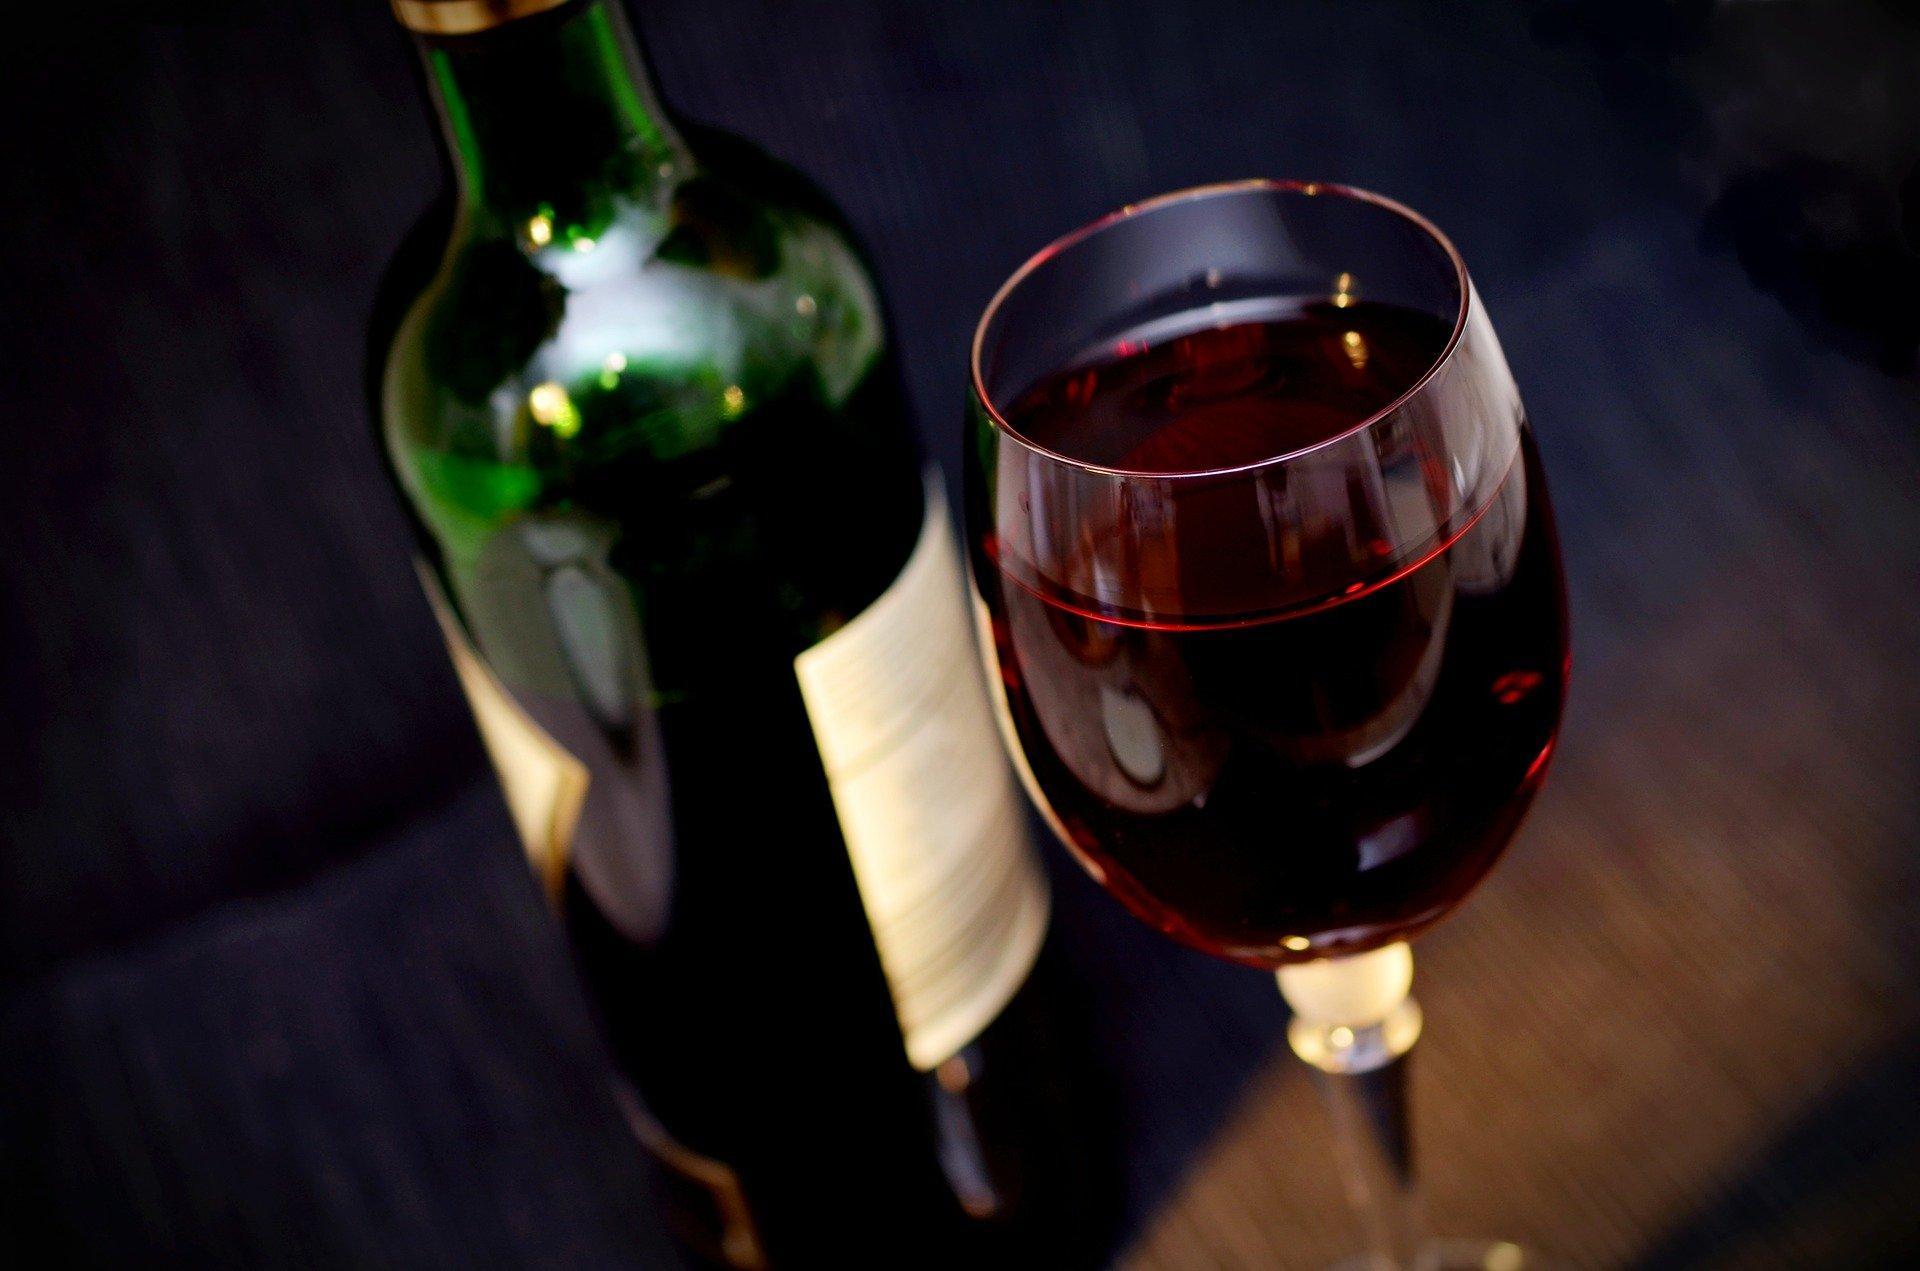 Italian Wine Brands si compra Svinando, exit per Club degli Investitori